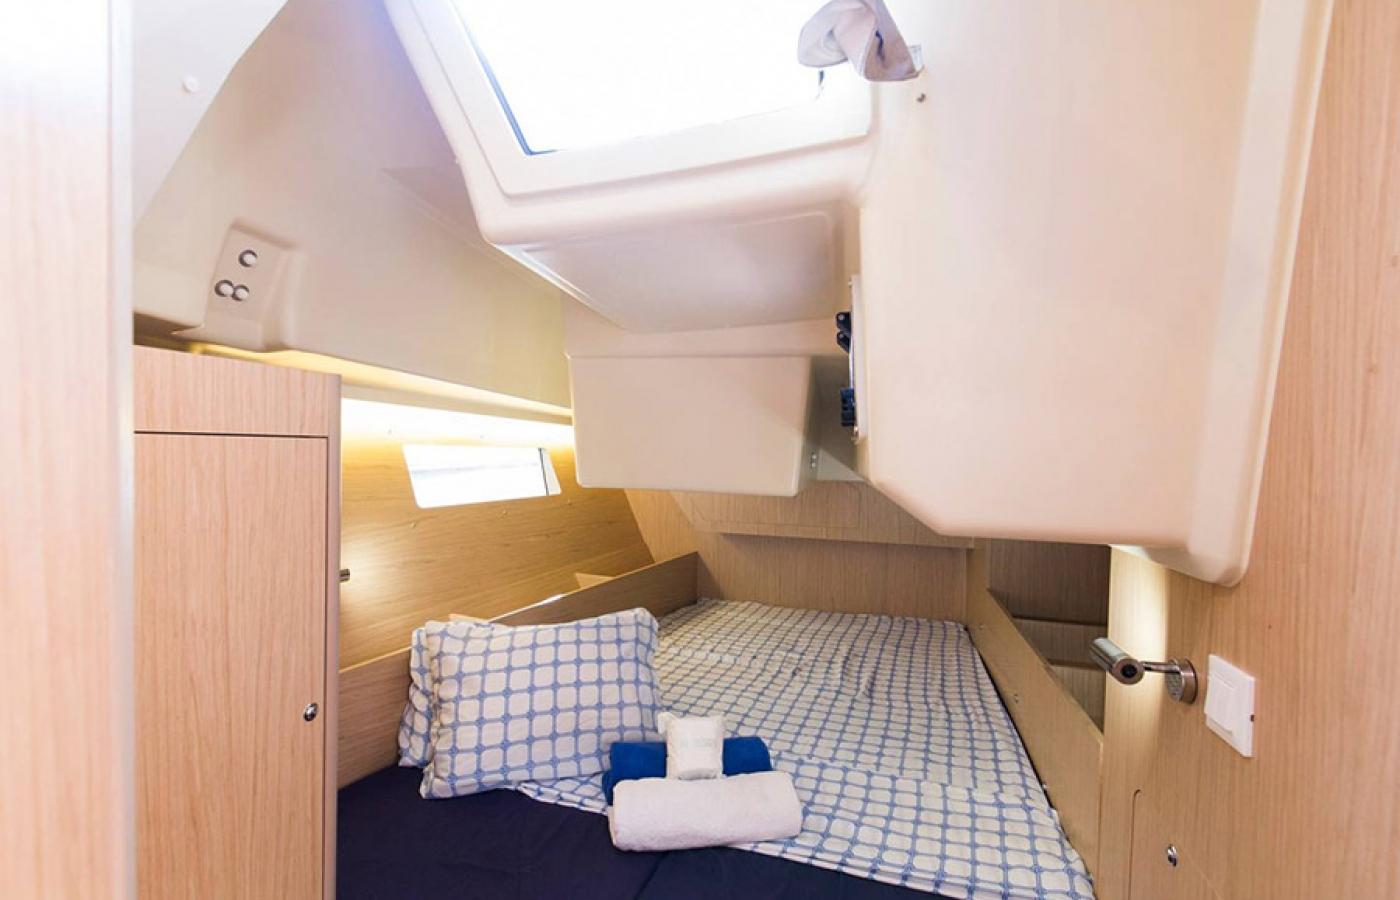 Second bedroom cabin on the Beneteau Oceanis 41.1. - FUGIS